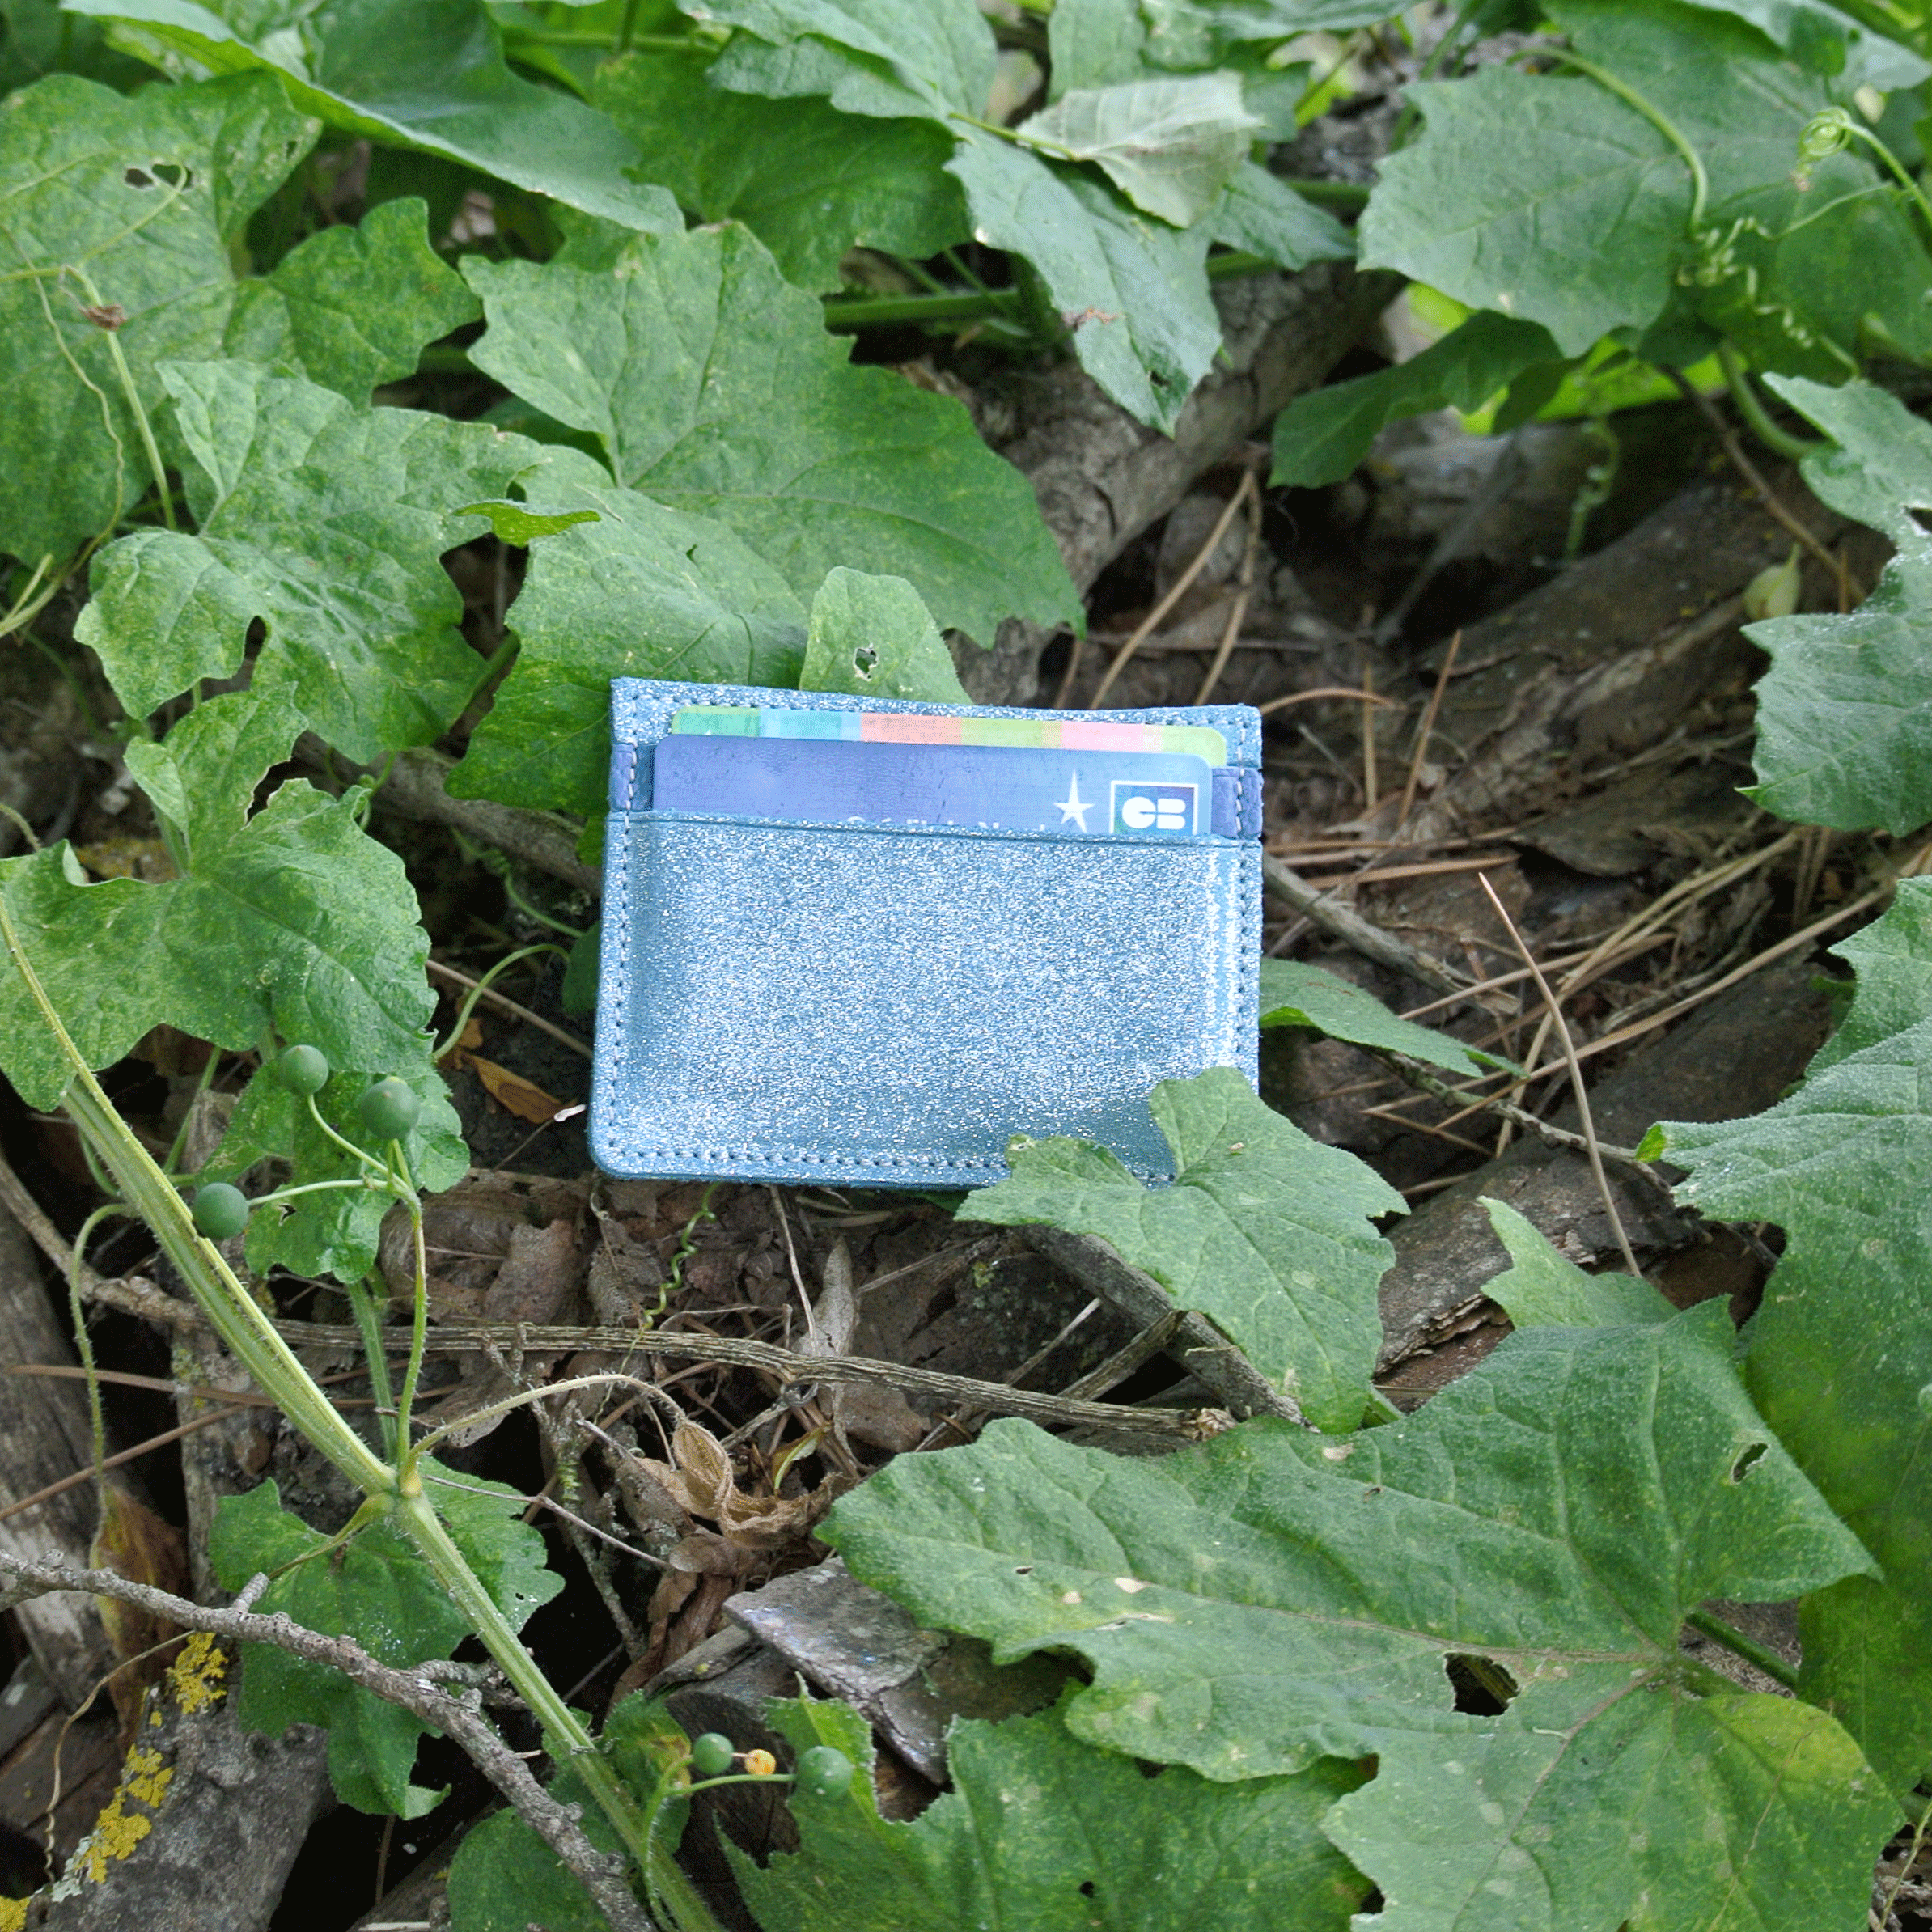 cuirs-pailletés-cuirs-fantaisies-fabriqué-en-france-la-cartabliere-etui-carte-triple-cuir-paillete-bleu-sarcelle